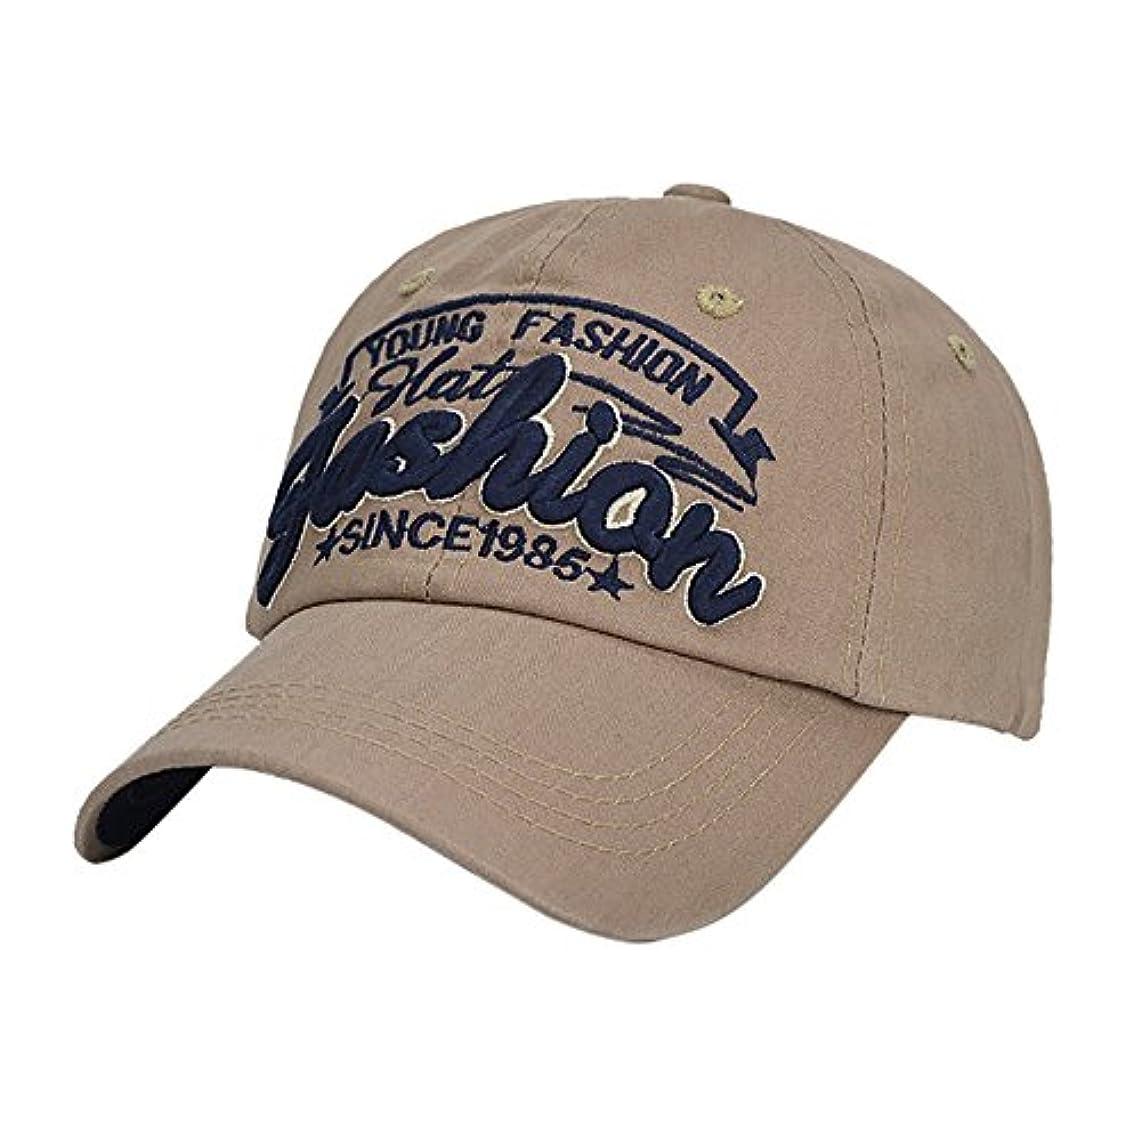 タクシー調整可能講堂Racazing Cap ヒップホップ 野球帽 ストリートダンス 夏 登山 通気性のある 帽子 パール ビーディング 可調整可能 日焼け止め 棒球帽 UV 帽子 軽量 屋外 女性向 Hat (コーヒー)